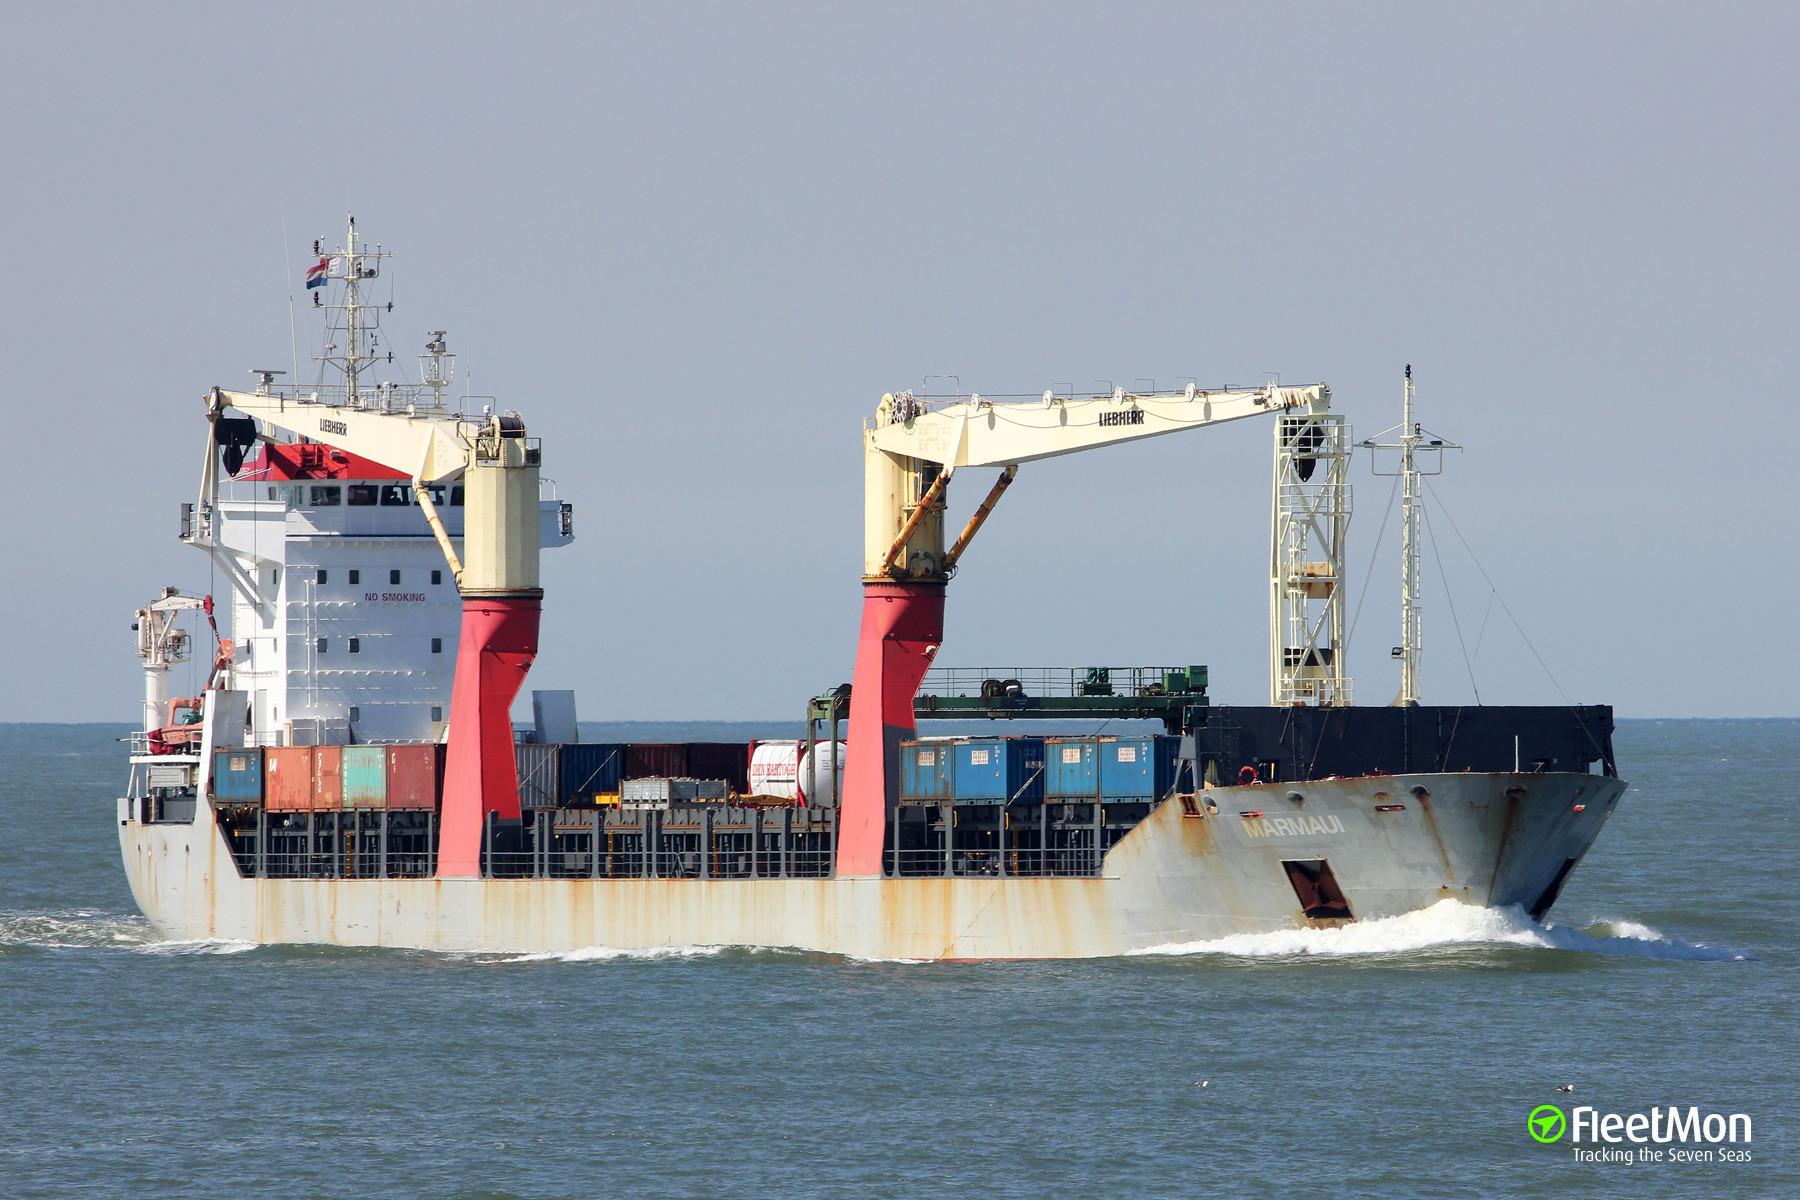 MARMAUI lost 6 containers near Fair Island